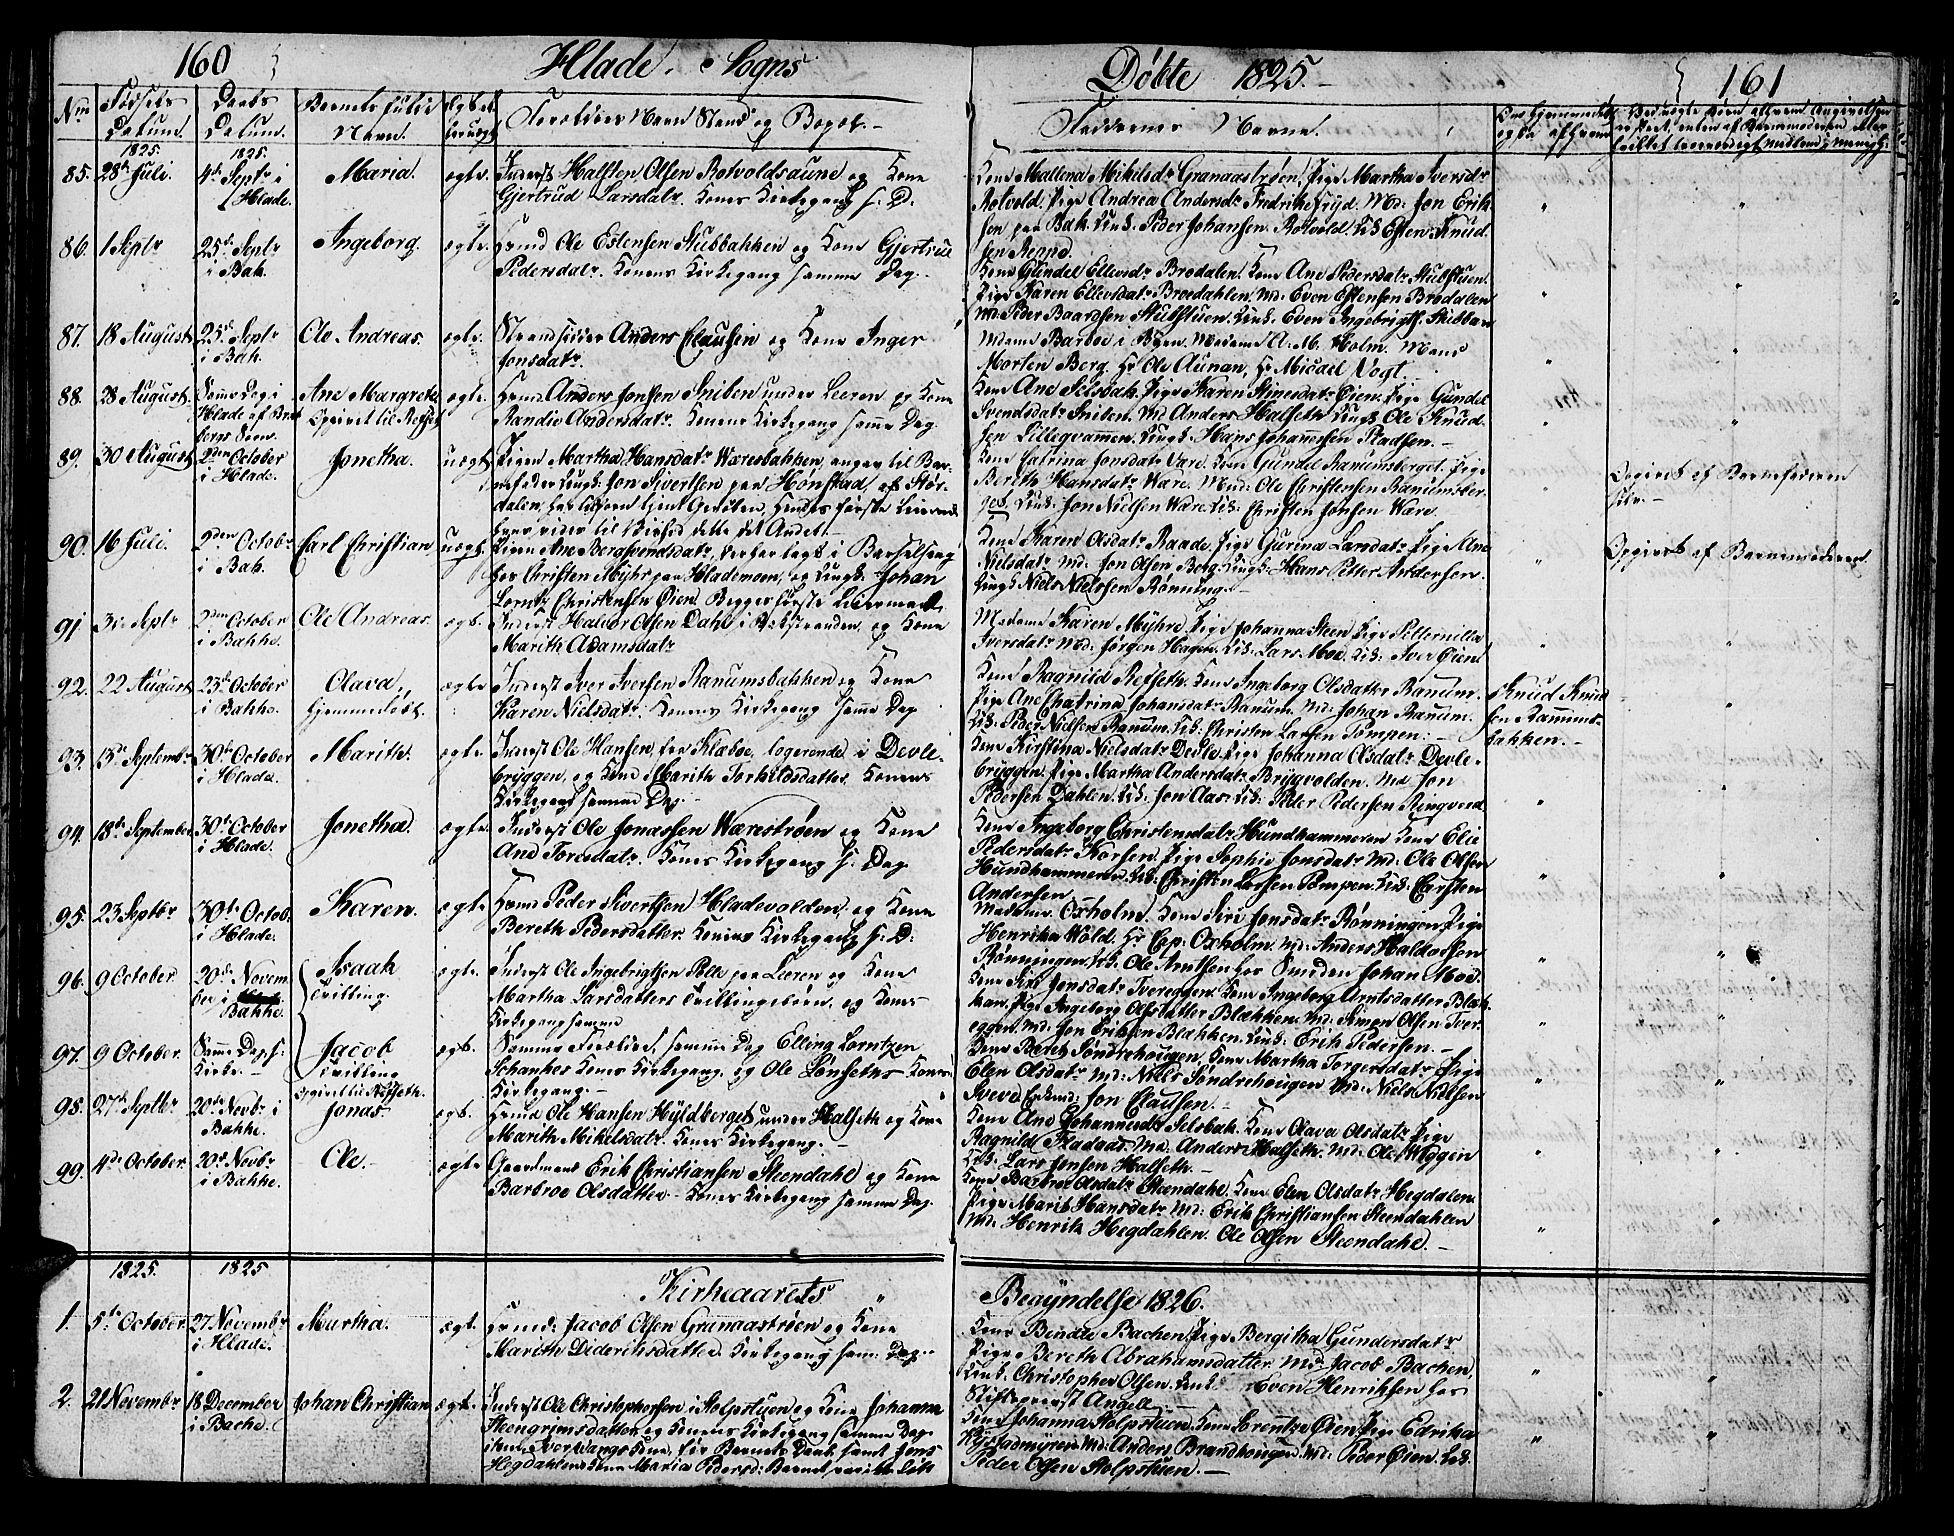 SAT, Ministerialprotokoller, klokkerbøker og fødselsregistre - Sør-Trøndelag, 606/L0306: Klokkerbok nr. 606C02, 1797-1829, s. 160-161